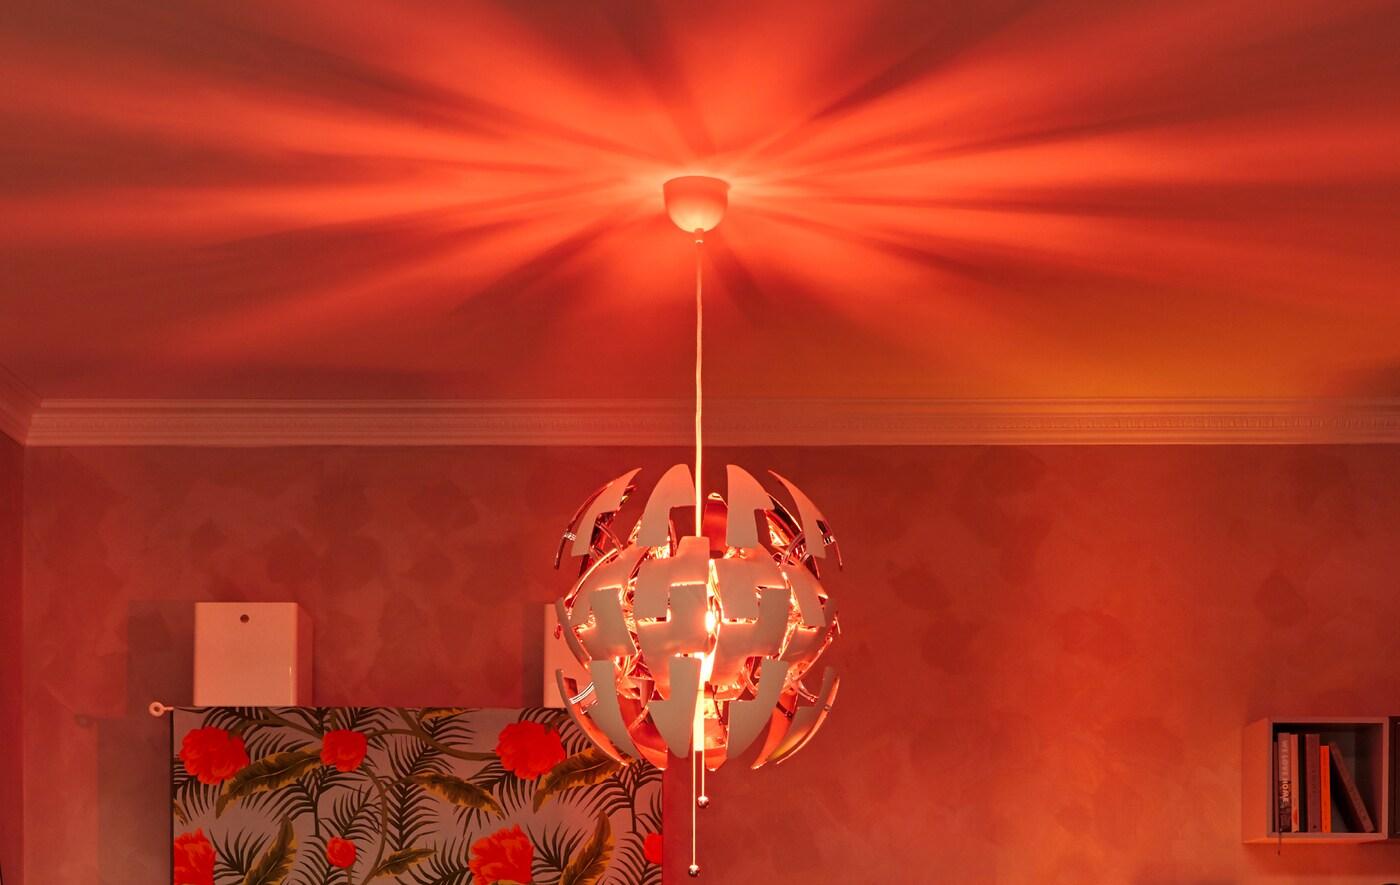 القسم العلوي من غرفة الجلوس، يطغي عليه مصباح معلق IKEA PS ويضفي توهجًا محمرًا يشبه النوادي من السقف.